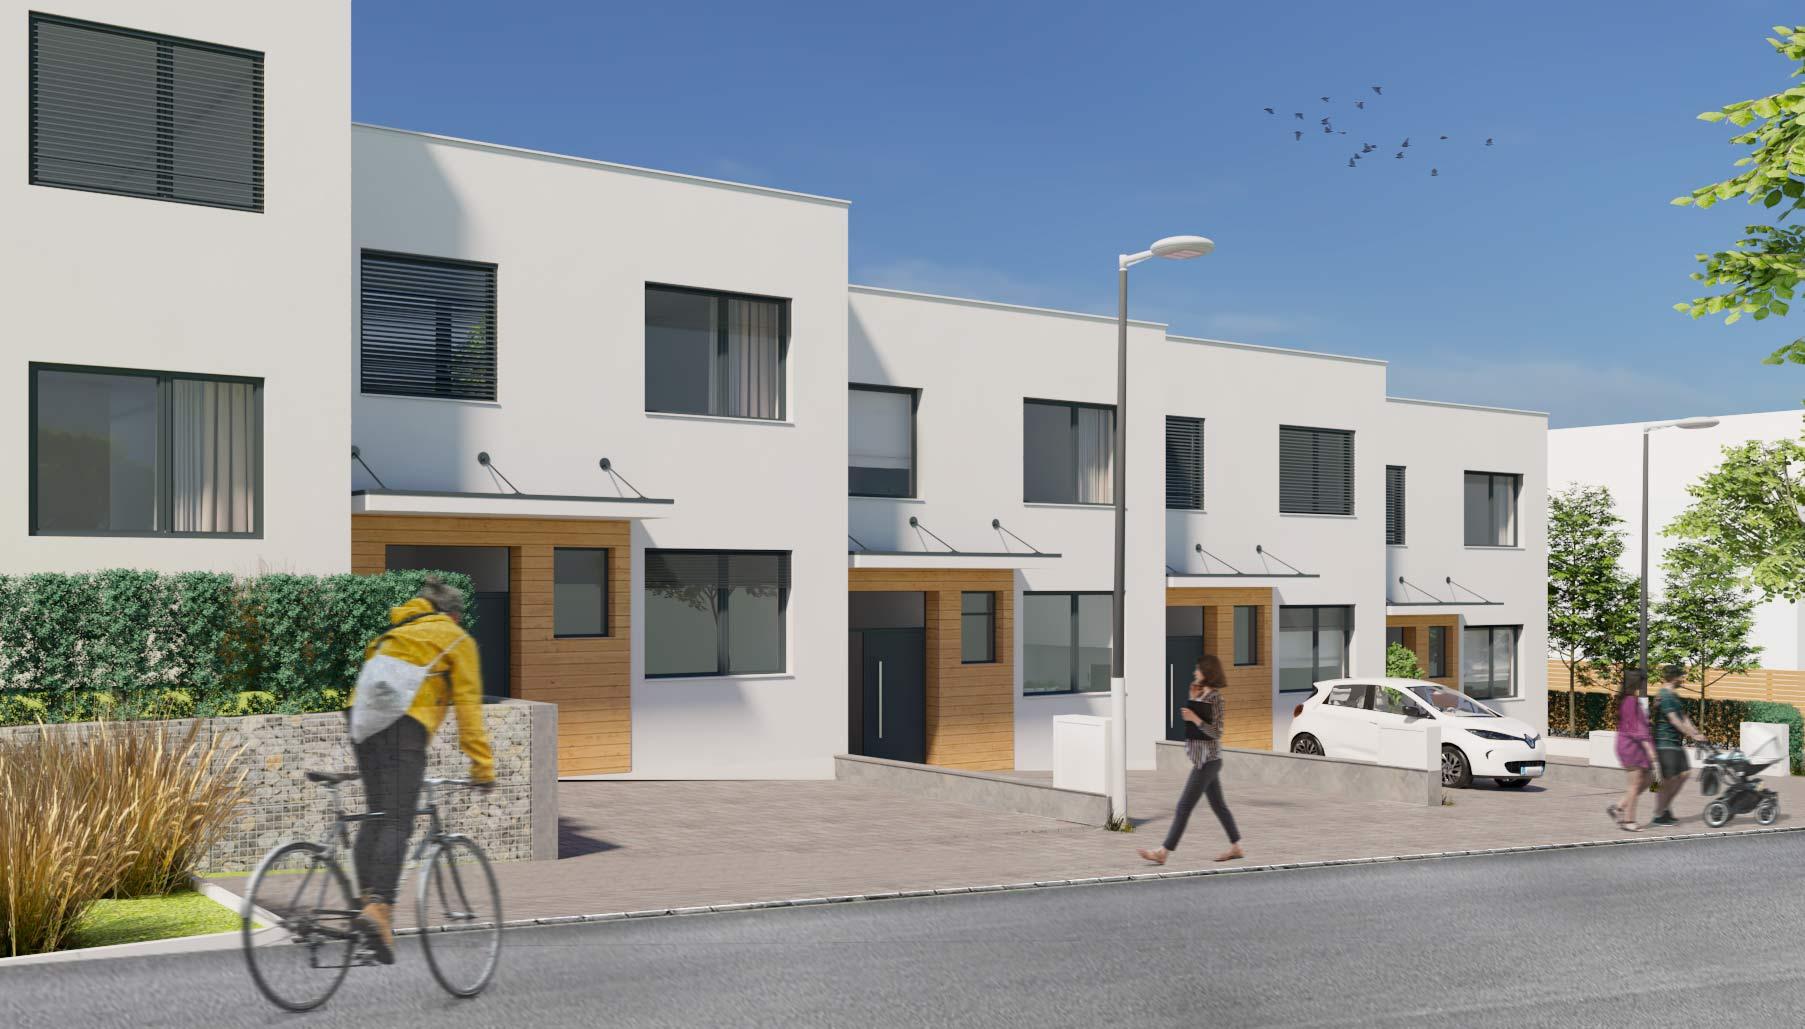 Bydleni Zbysov u Brna Etapa A2 domy Etapa A